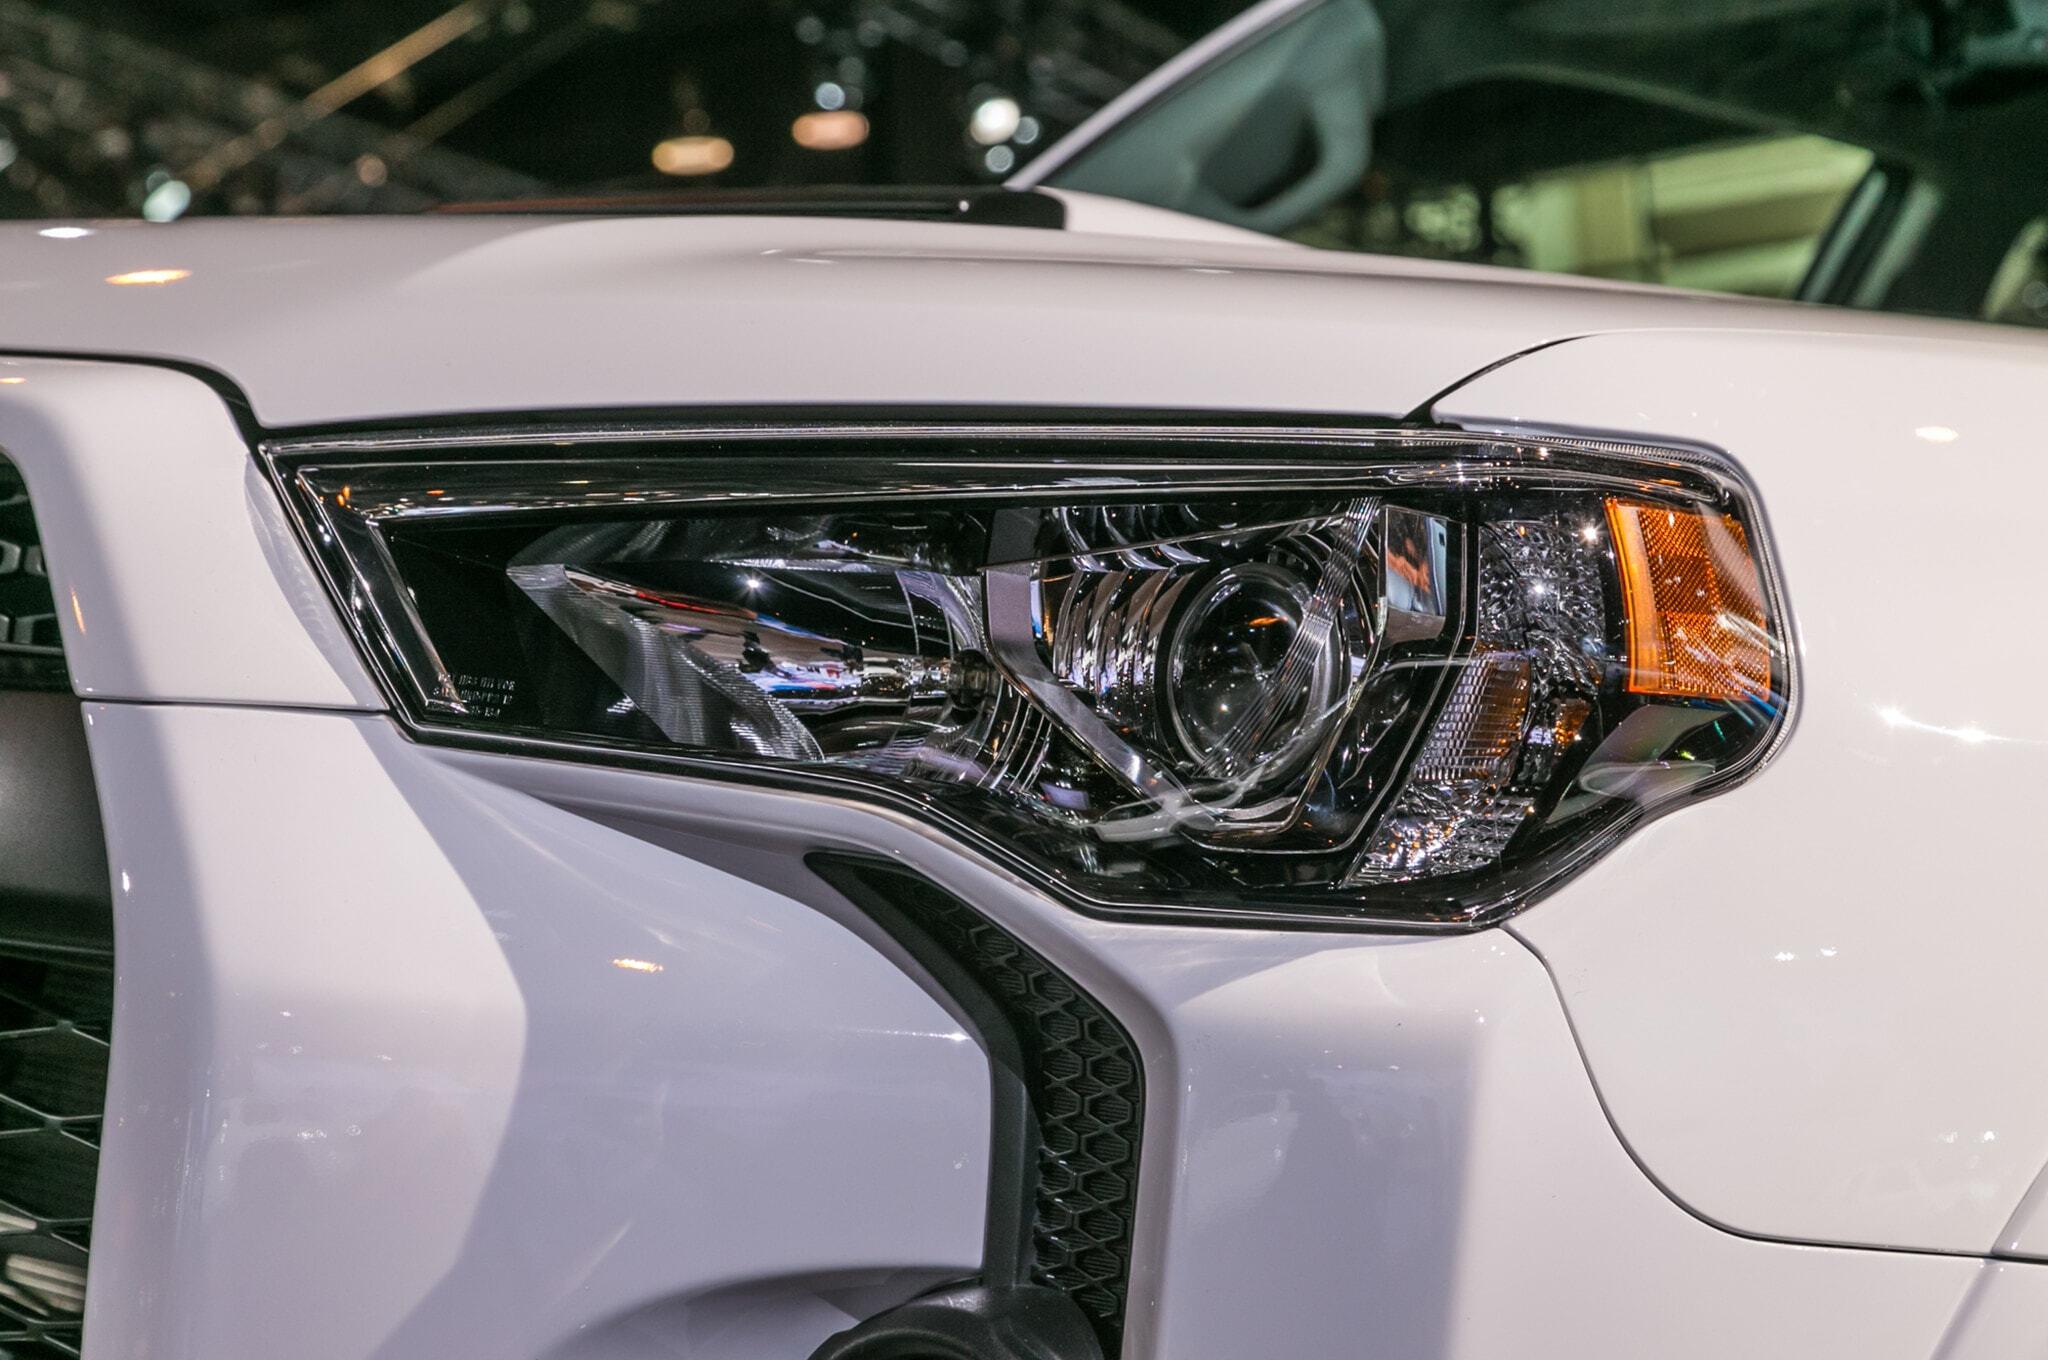 2019-Toyota-4Runner-TRD-Pro-headlight